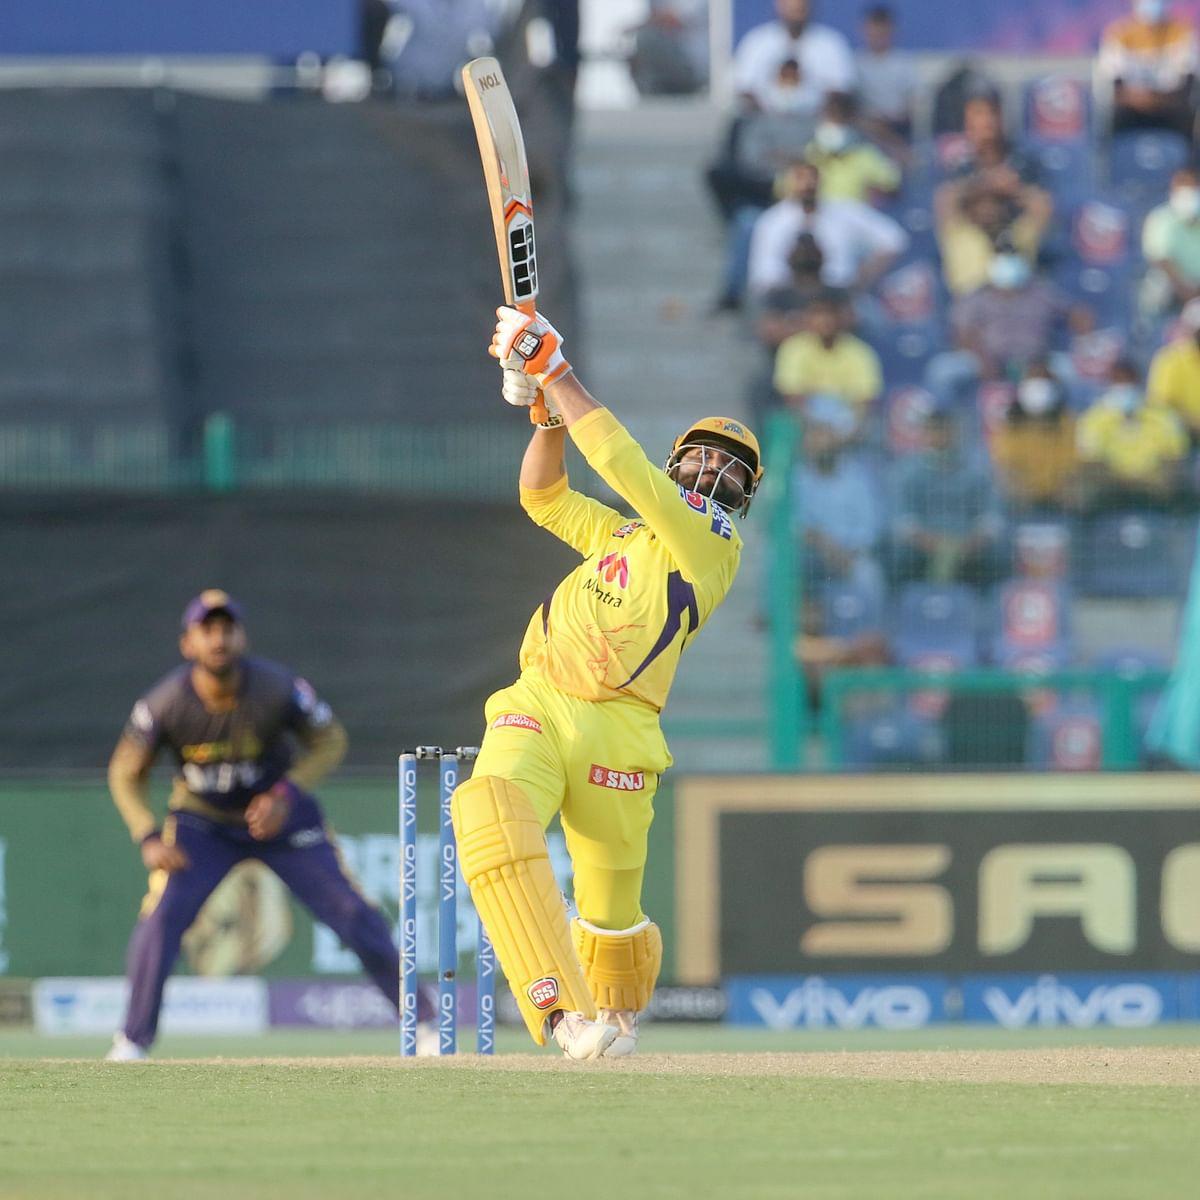 CSK v KKR | IPL 2021